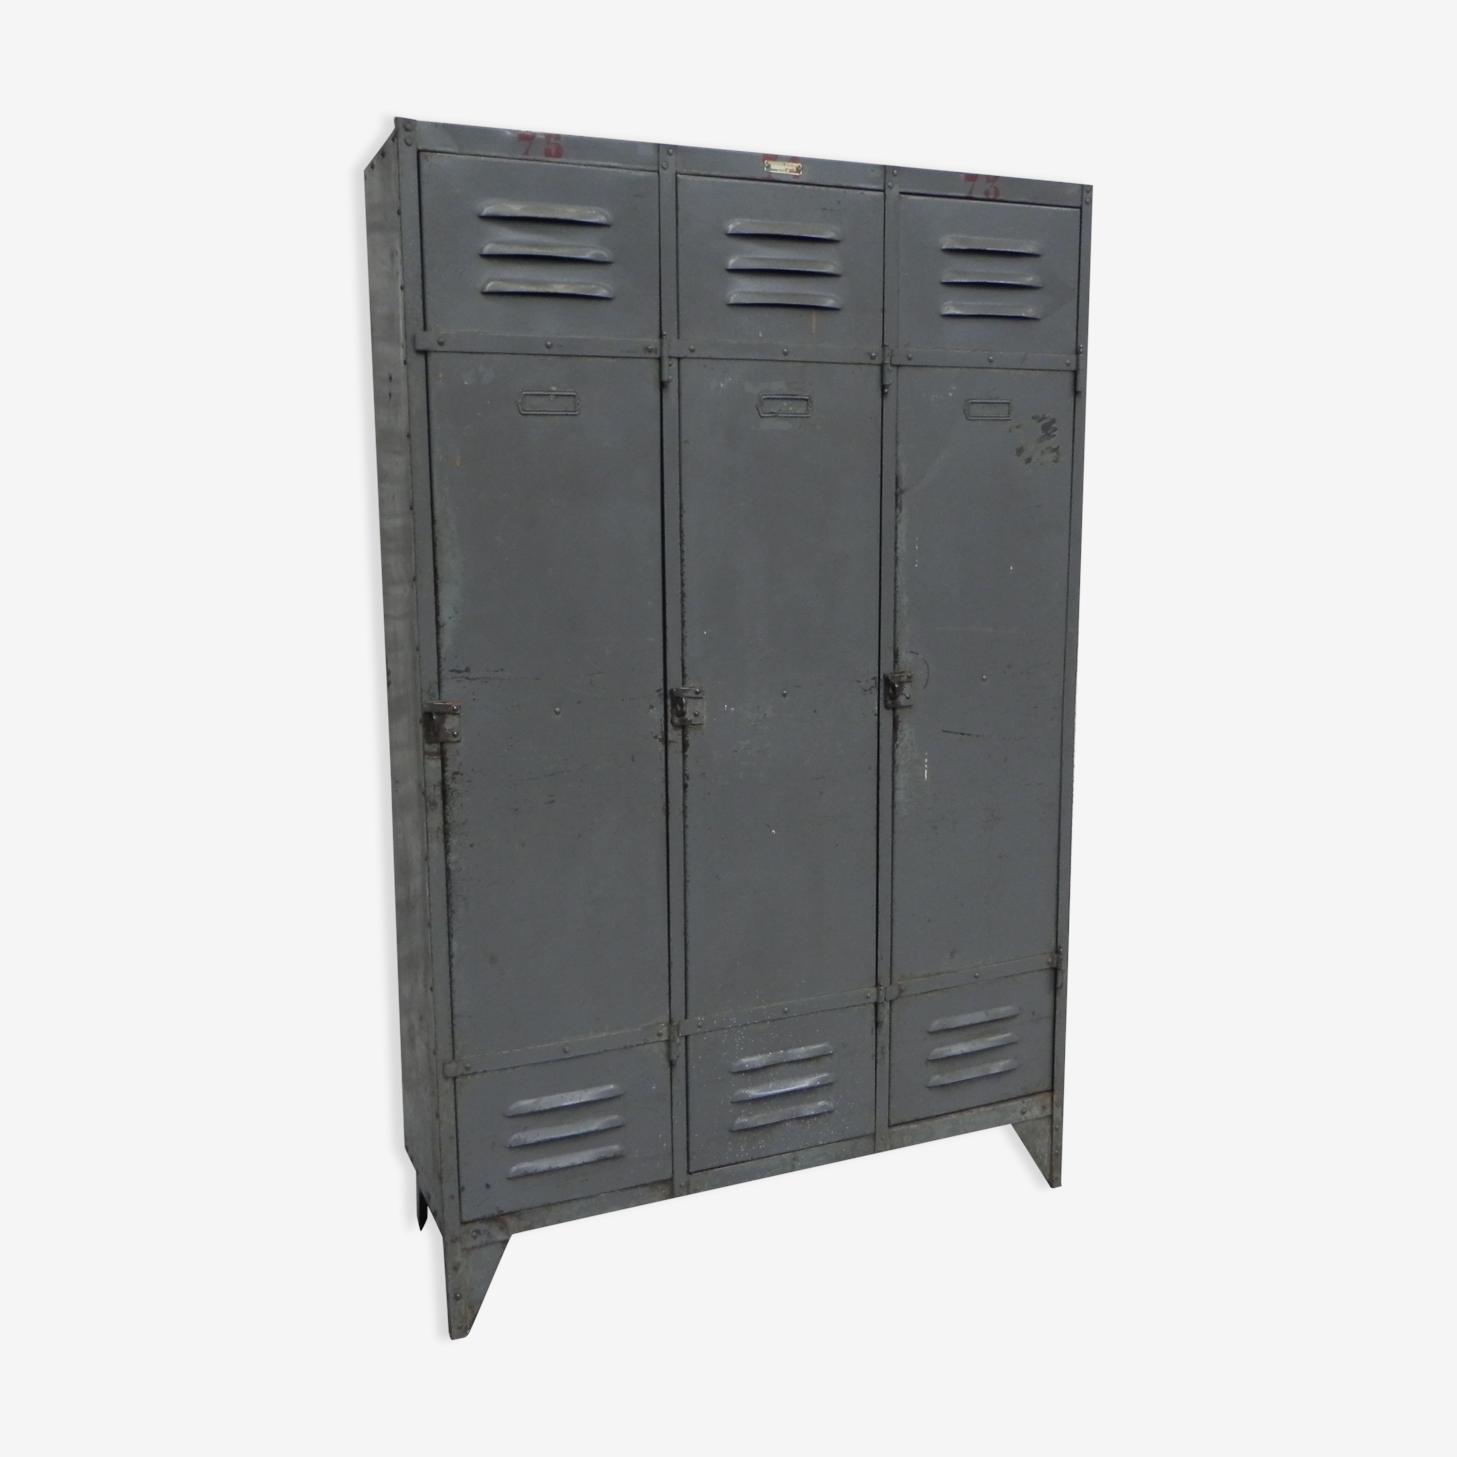 Casier industriel  en acier avec 3 portes